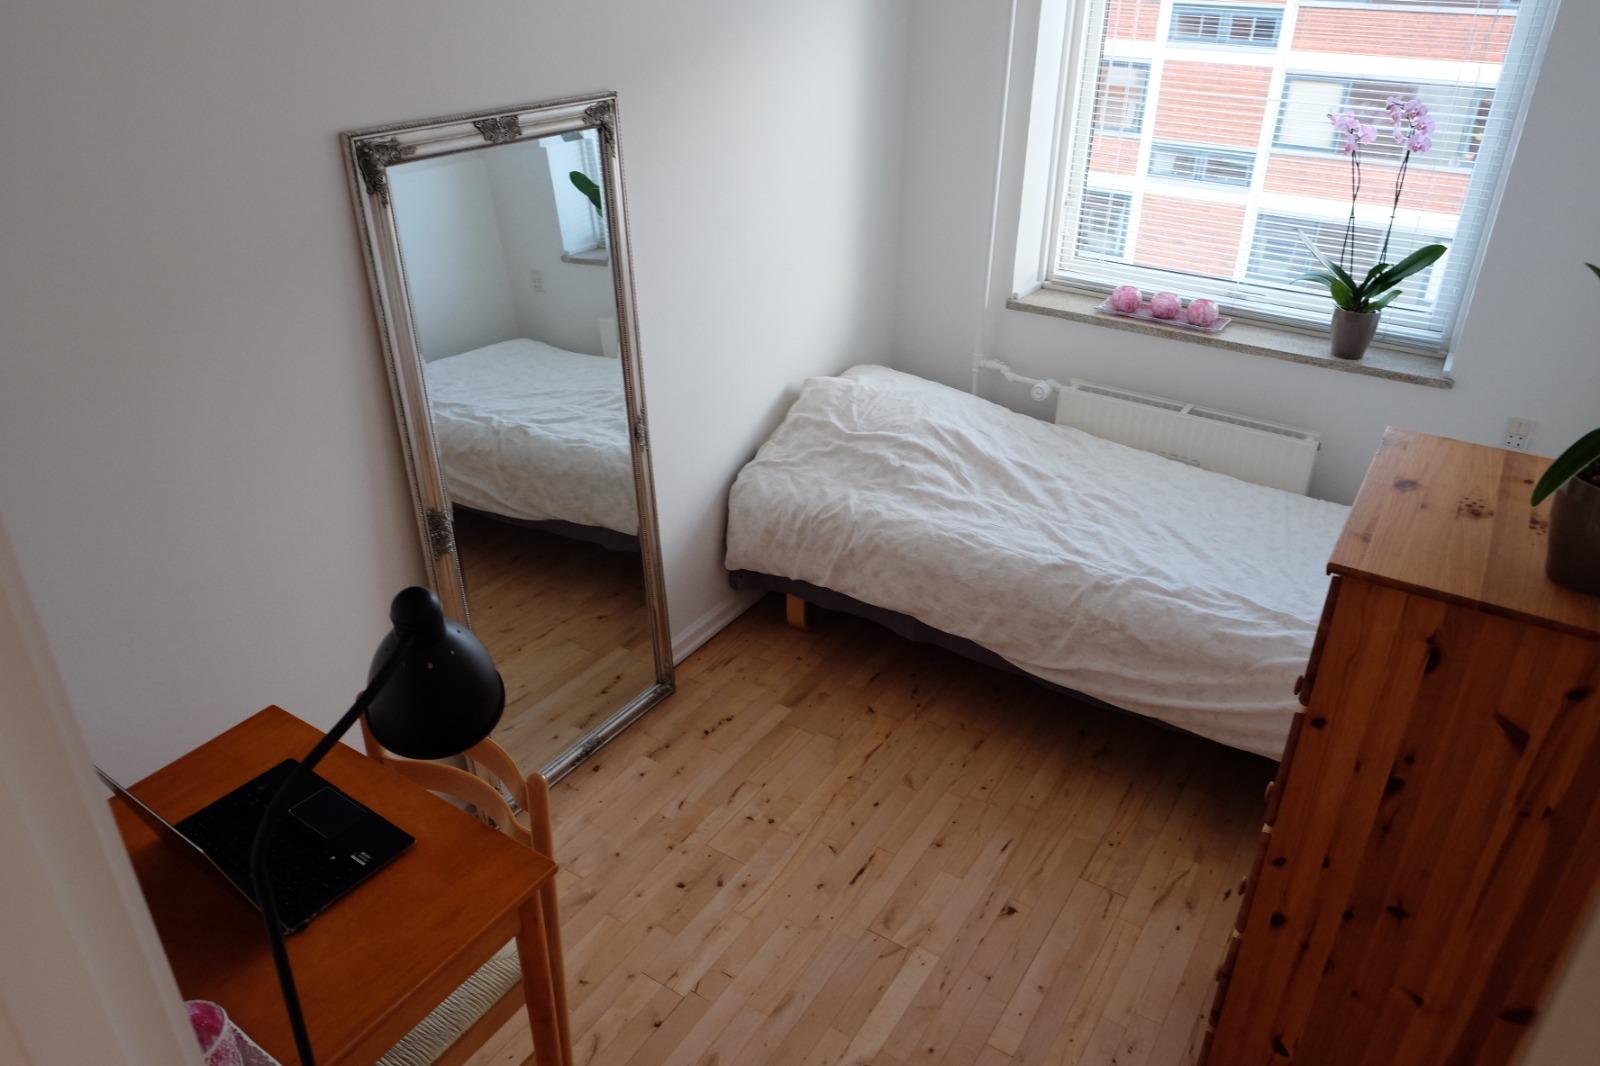 Room to rent in København NV (04/06/2021 - 31/08/2021)